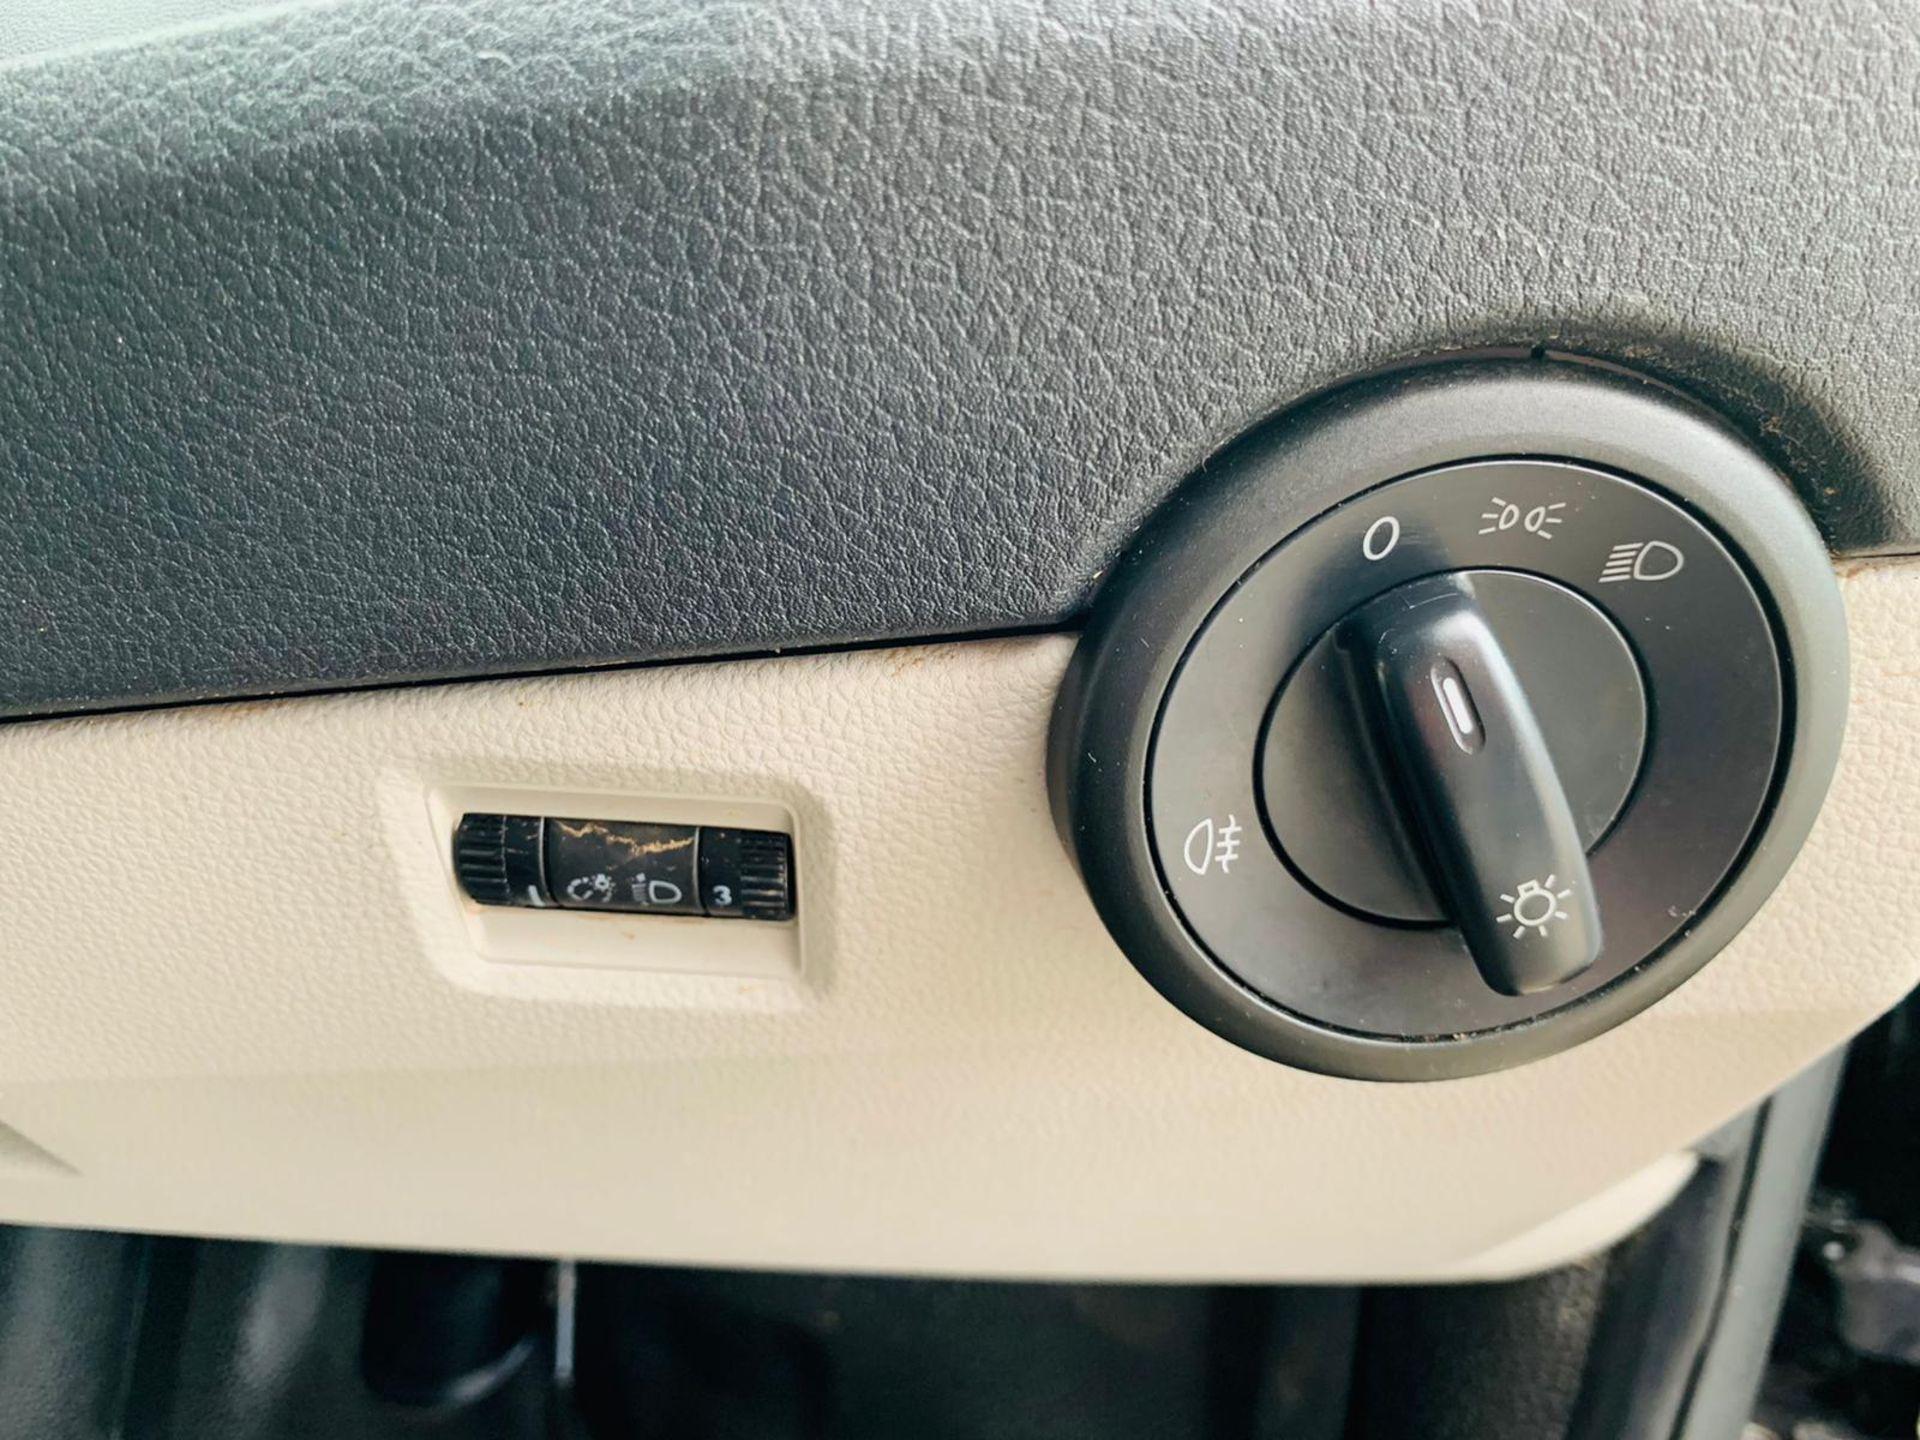 Reserve Met - Volkswagen Transporter T30 2.0 TDI Trendline - 2017 Model - Euro 6 - 1 Owner - Image 17 of 18